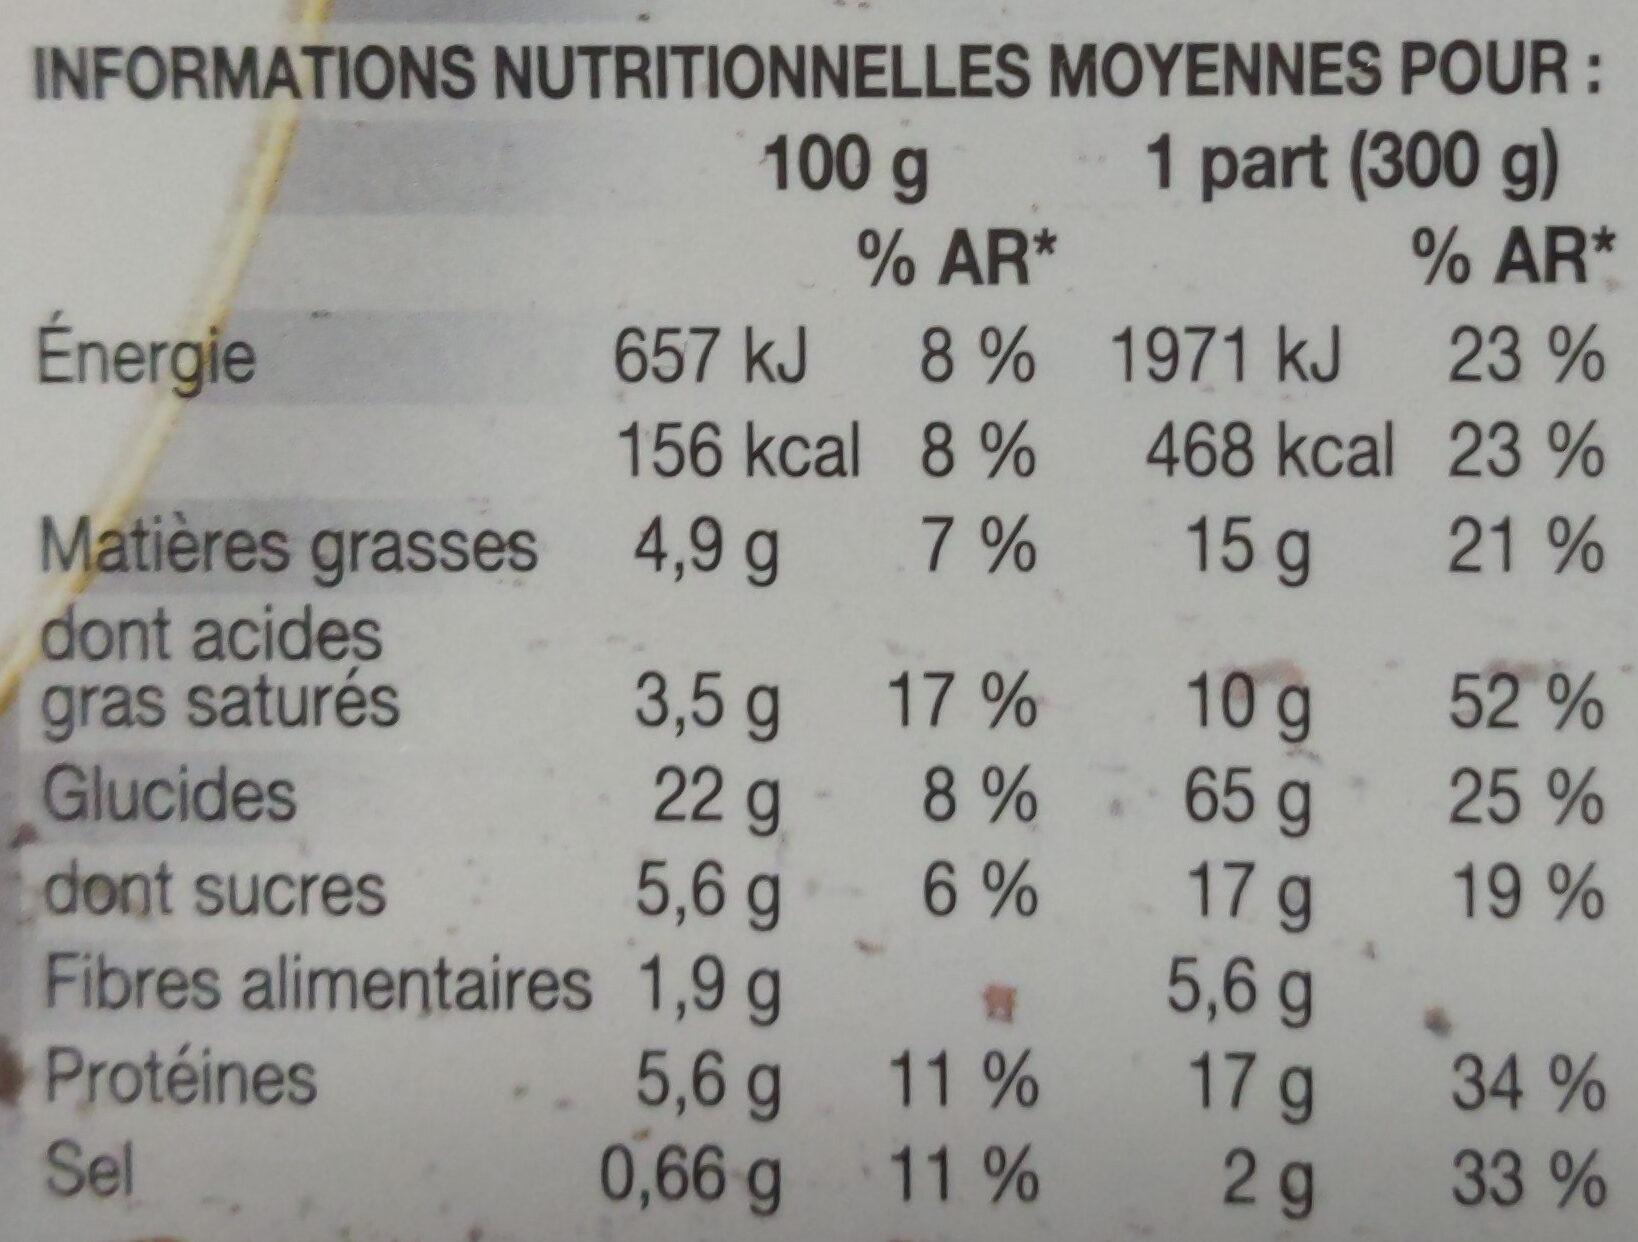 Gnocchis au chèvre et aux épinards sauce tomate - Voedingswaarden - fr